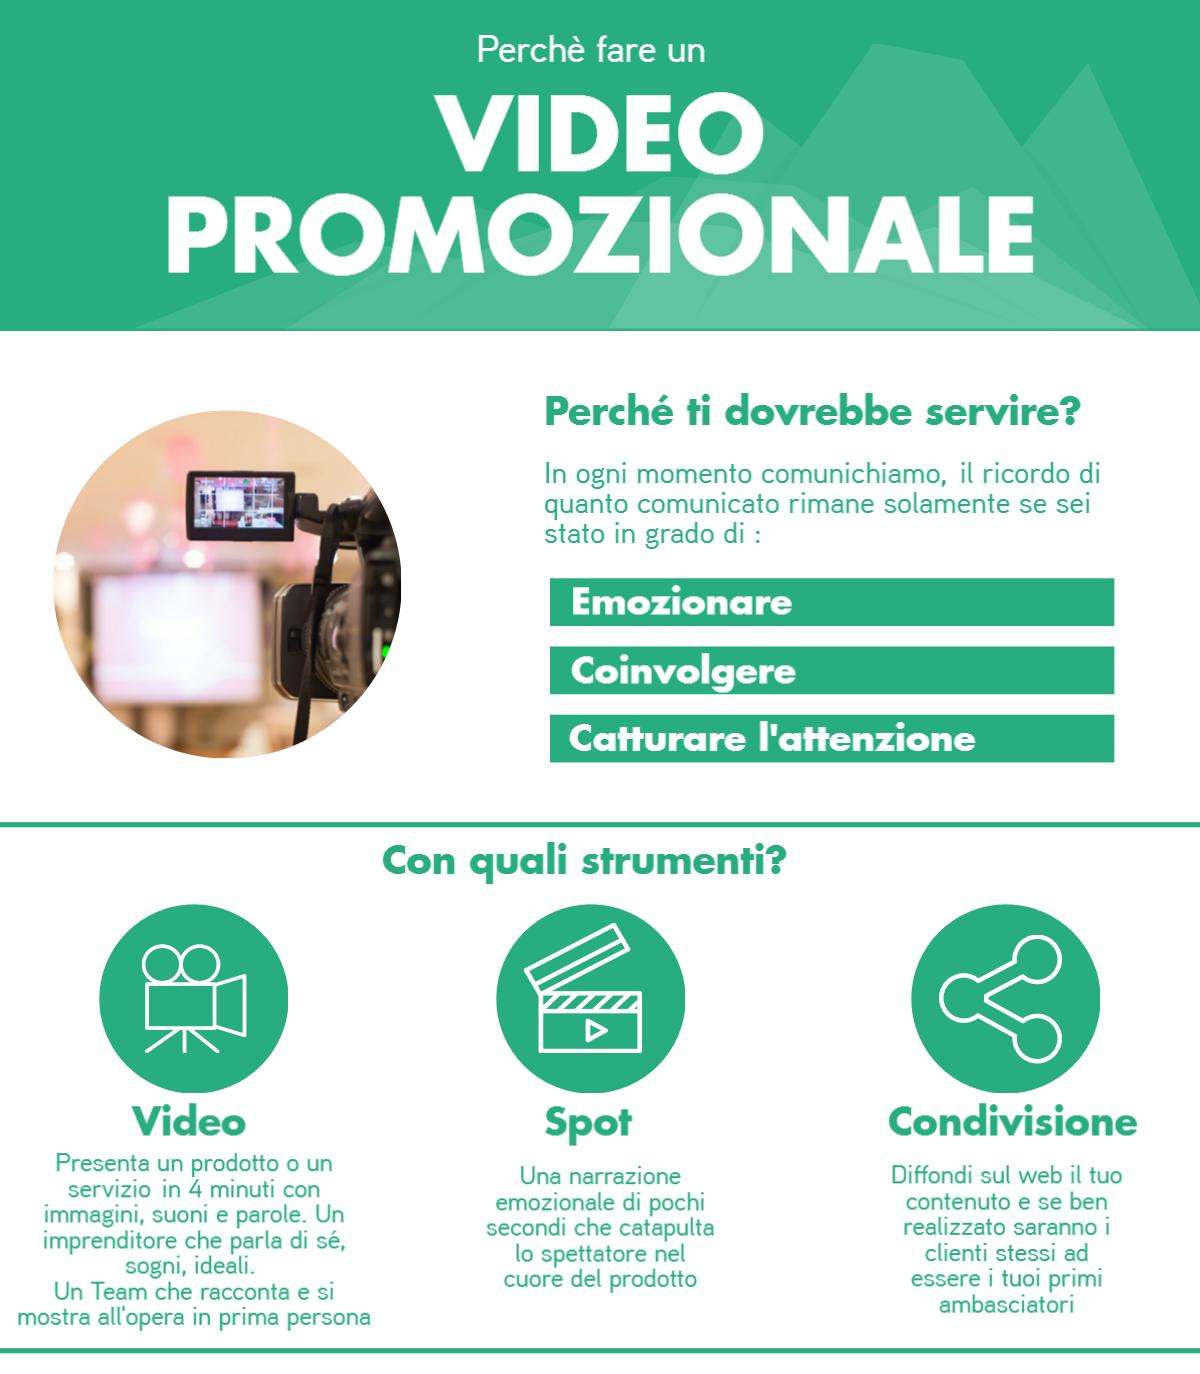 Perché fare un video promozionale